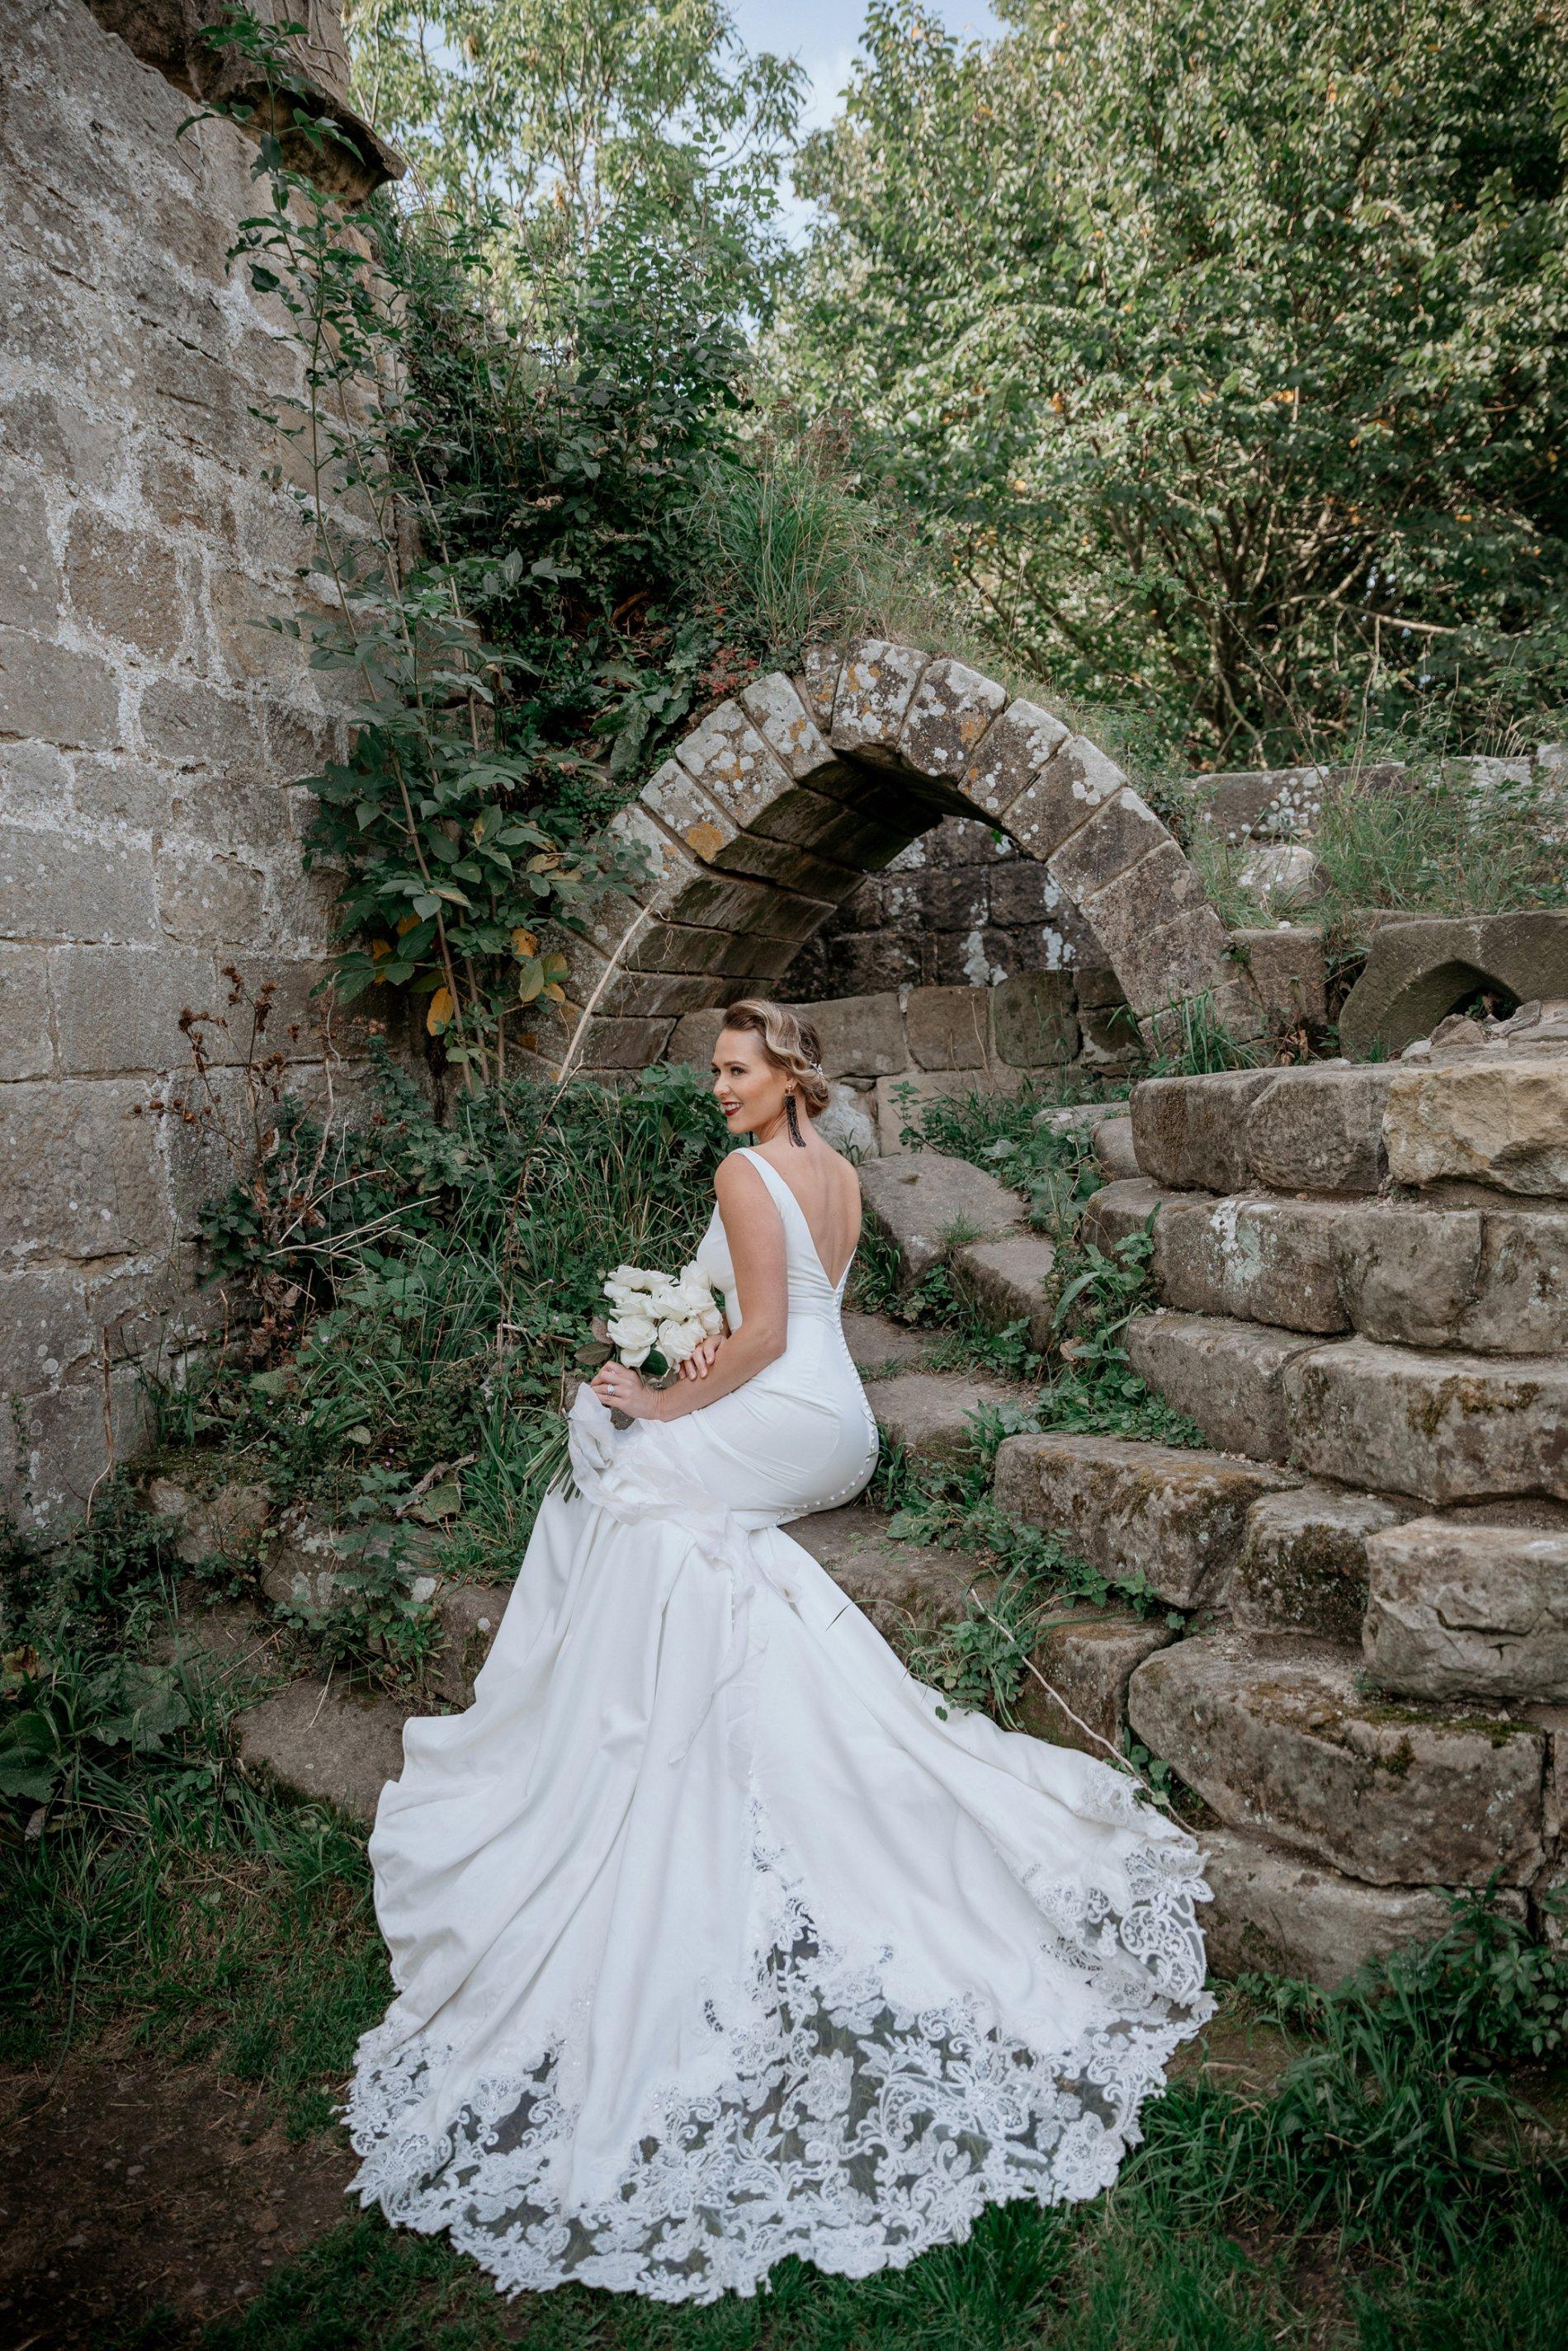 An Elegant Wedding Shoot at Jervaulx Abbey (c) Natalie Hamilton Photography (19)